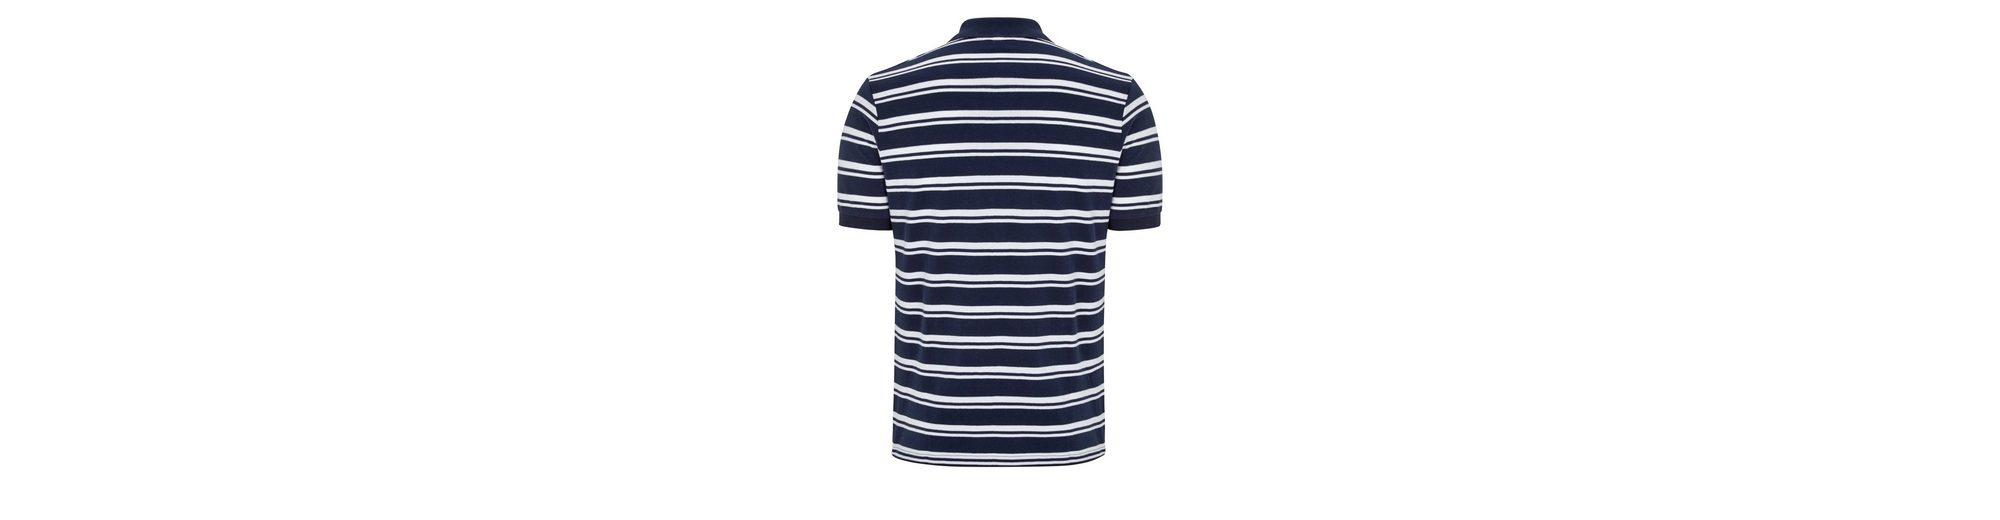 Lonsdale Poloshirt CATERHAM Freies Verschiffen Echte sttGiyEgSk